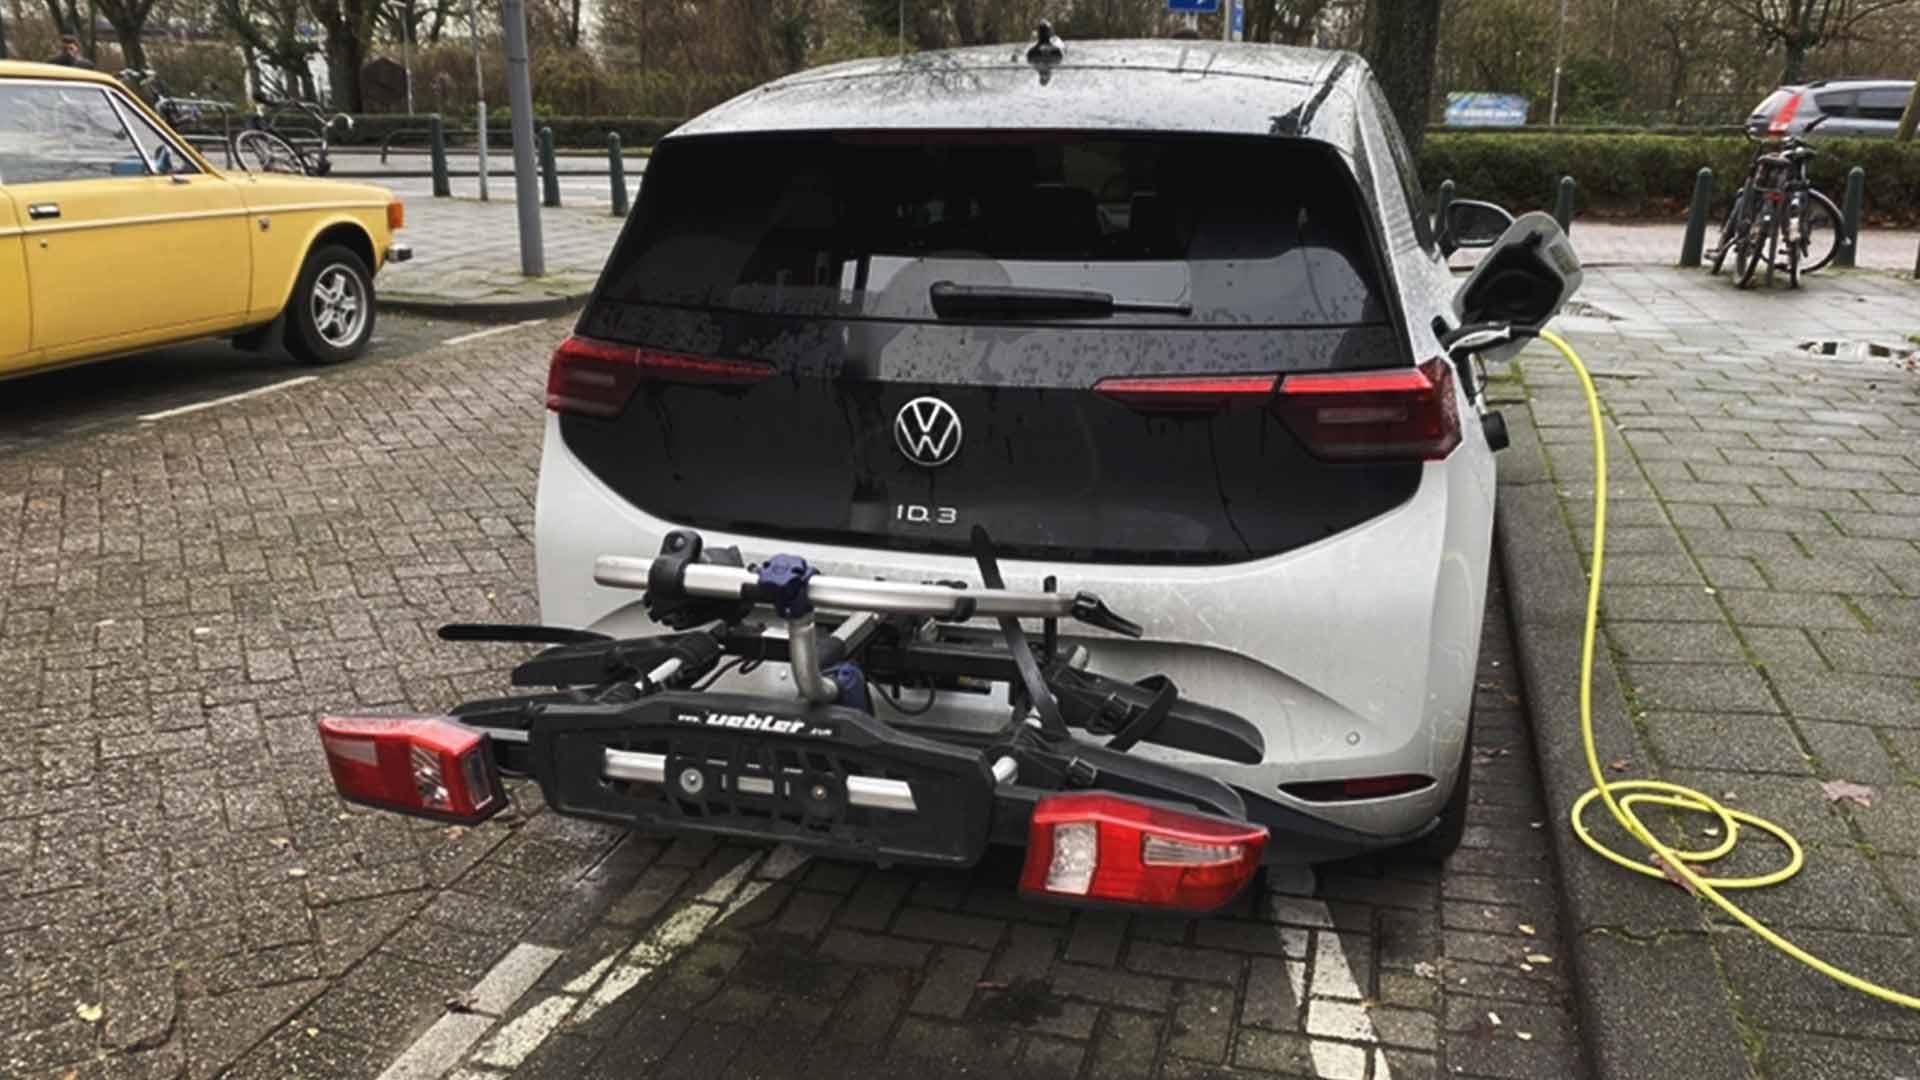 volkswagen id3 bike rack